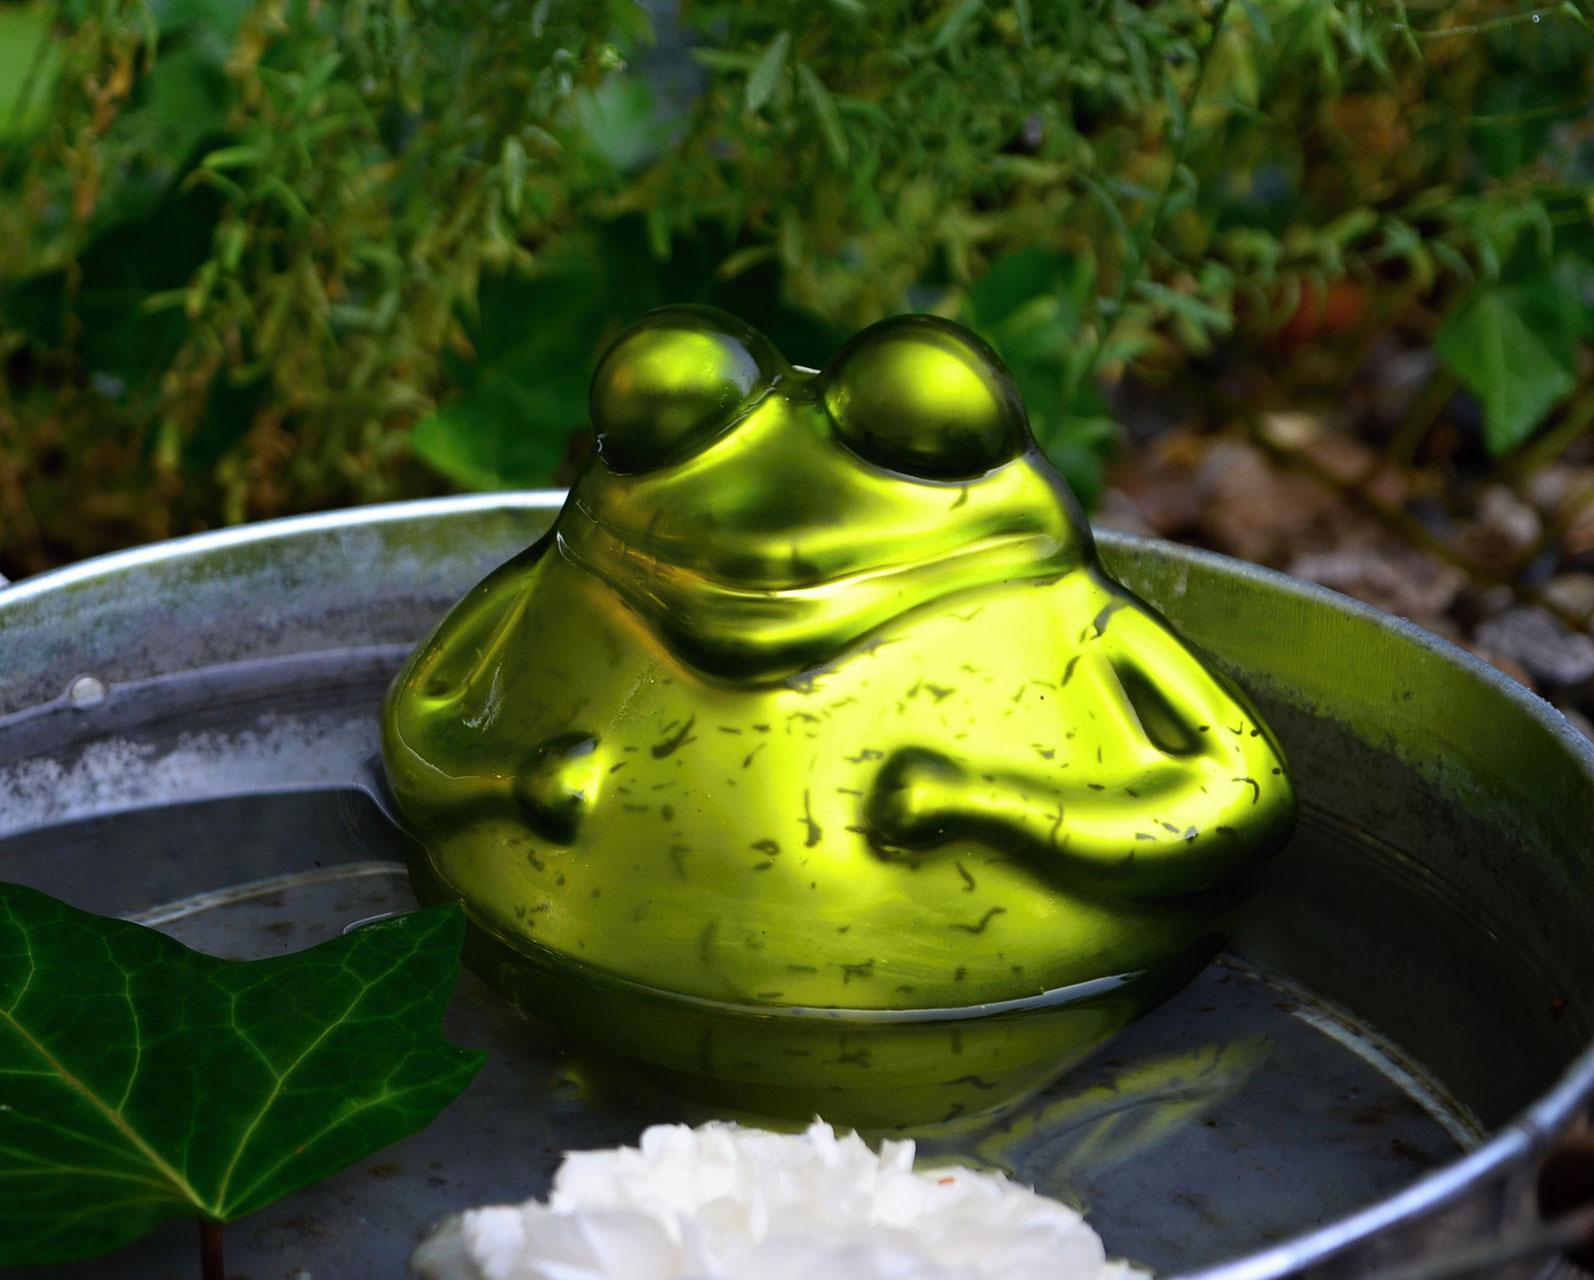 schwimmfrosch schwimmfr sche glas frosch schwimmender frosch schwimmfrosch gartenteich www. Black Bedroom Furniture Sets. Home Design Ideas